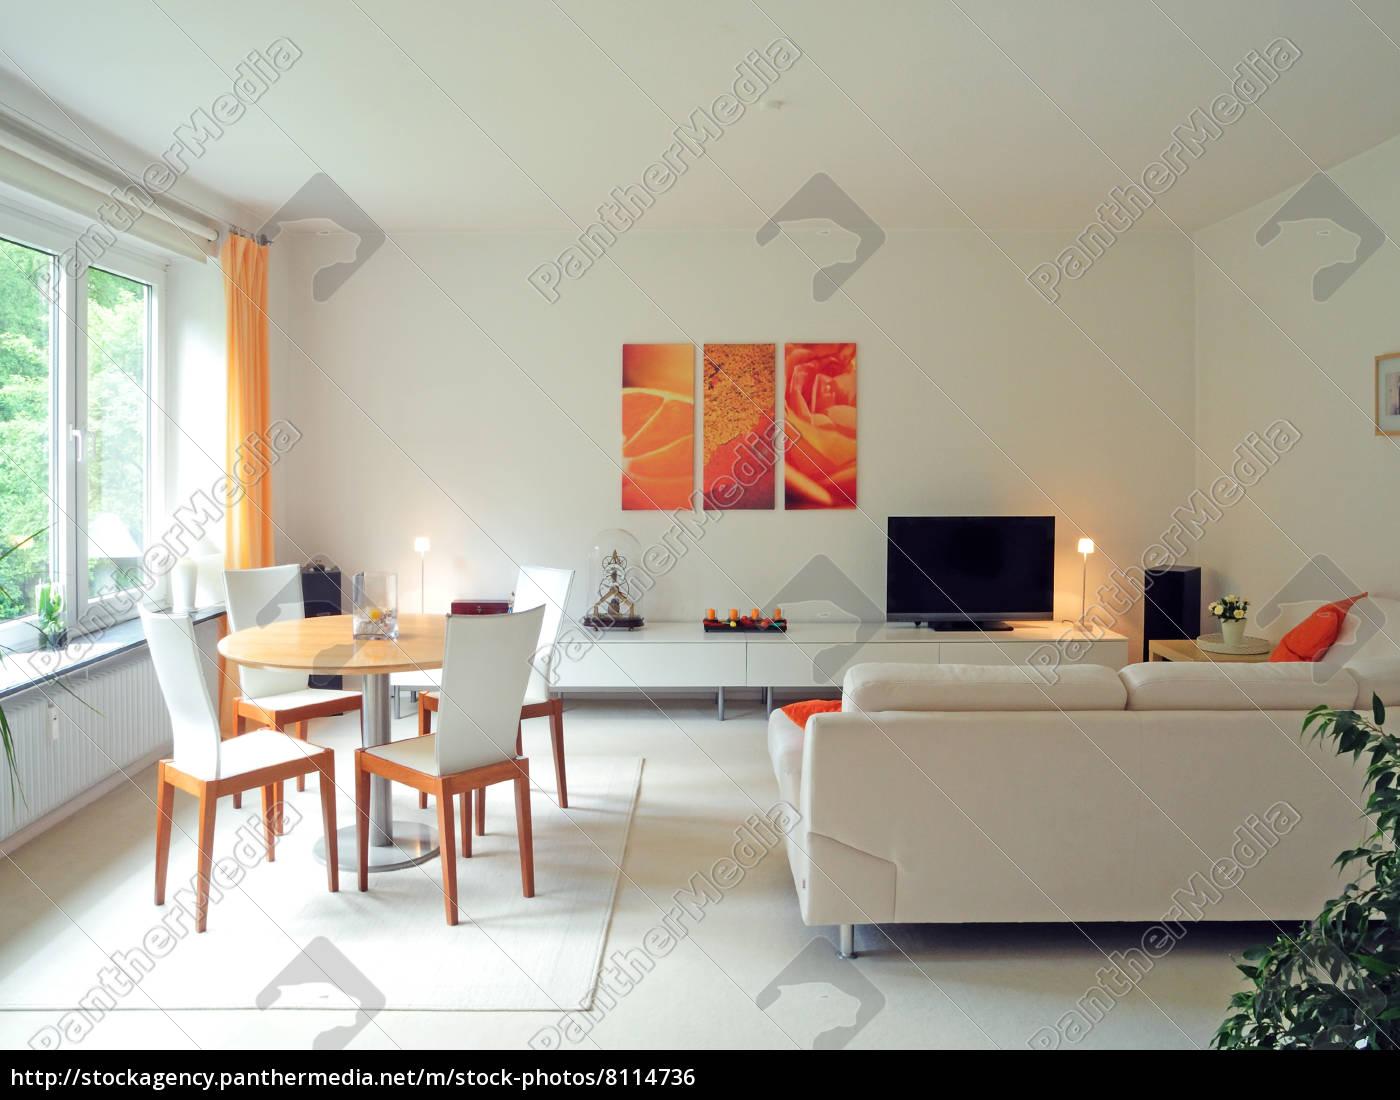 Liebenswert Weißes Wohnzimmer Galerie Von Lizenzfreies Foto 8114736 - Modernes Weißes